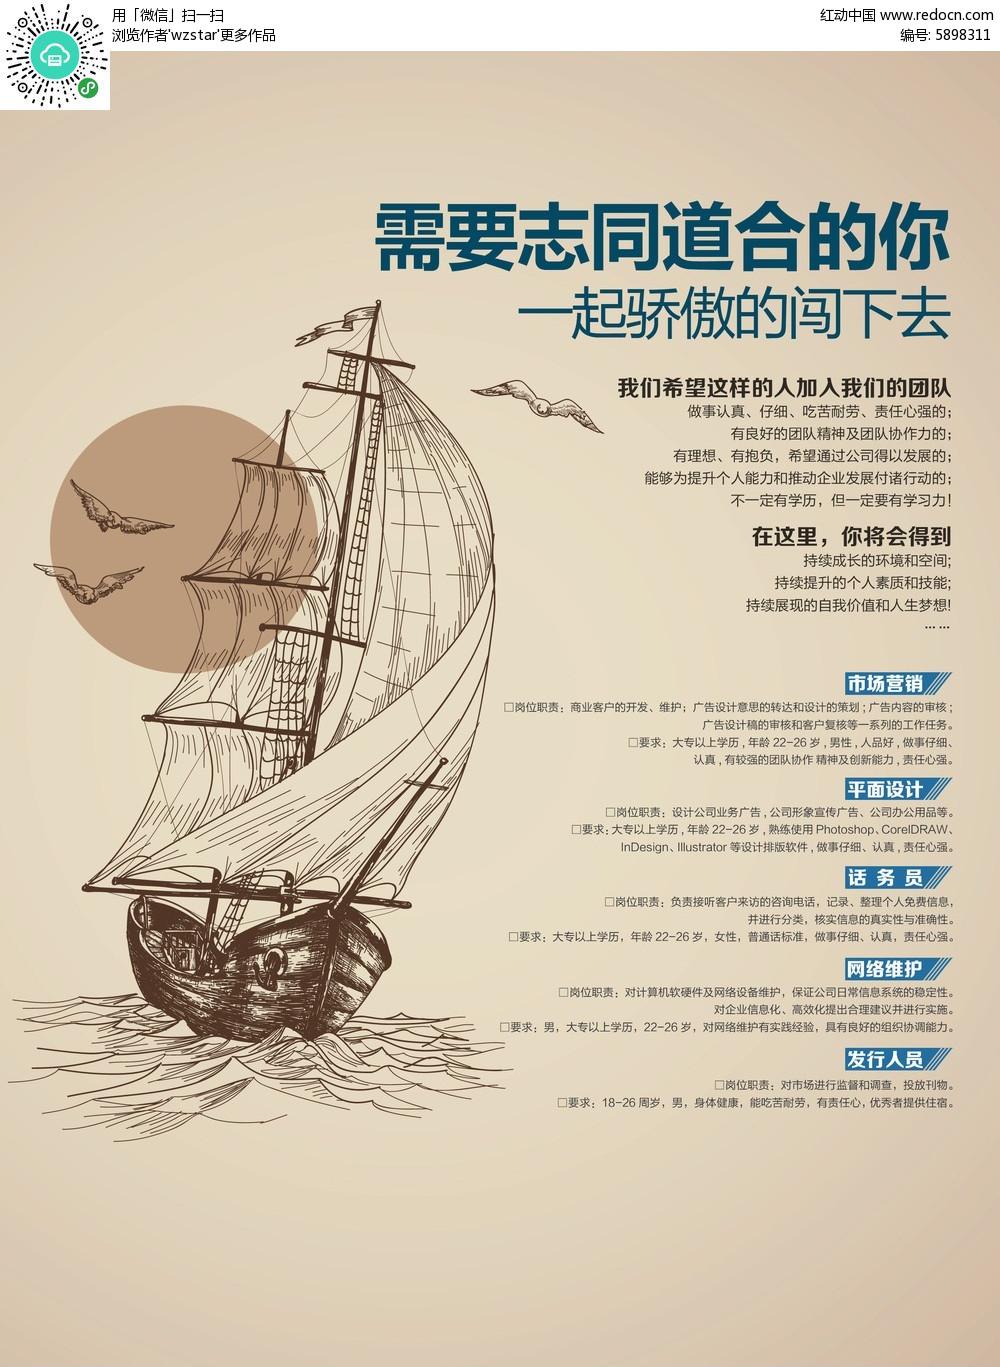 手绘帆船招聘海报